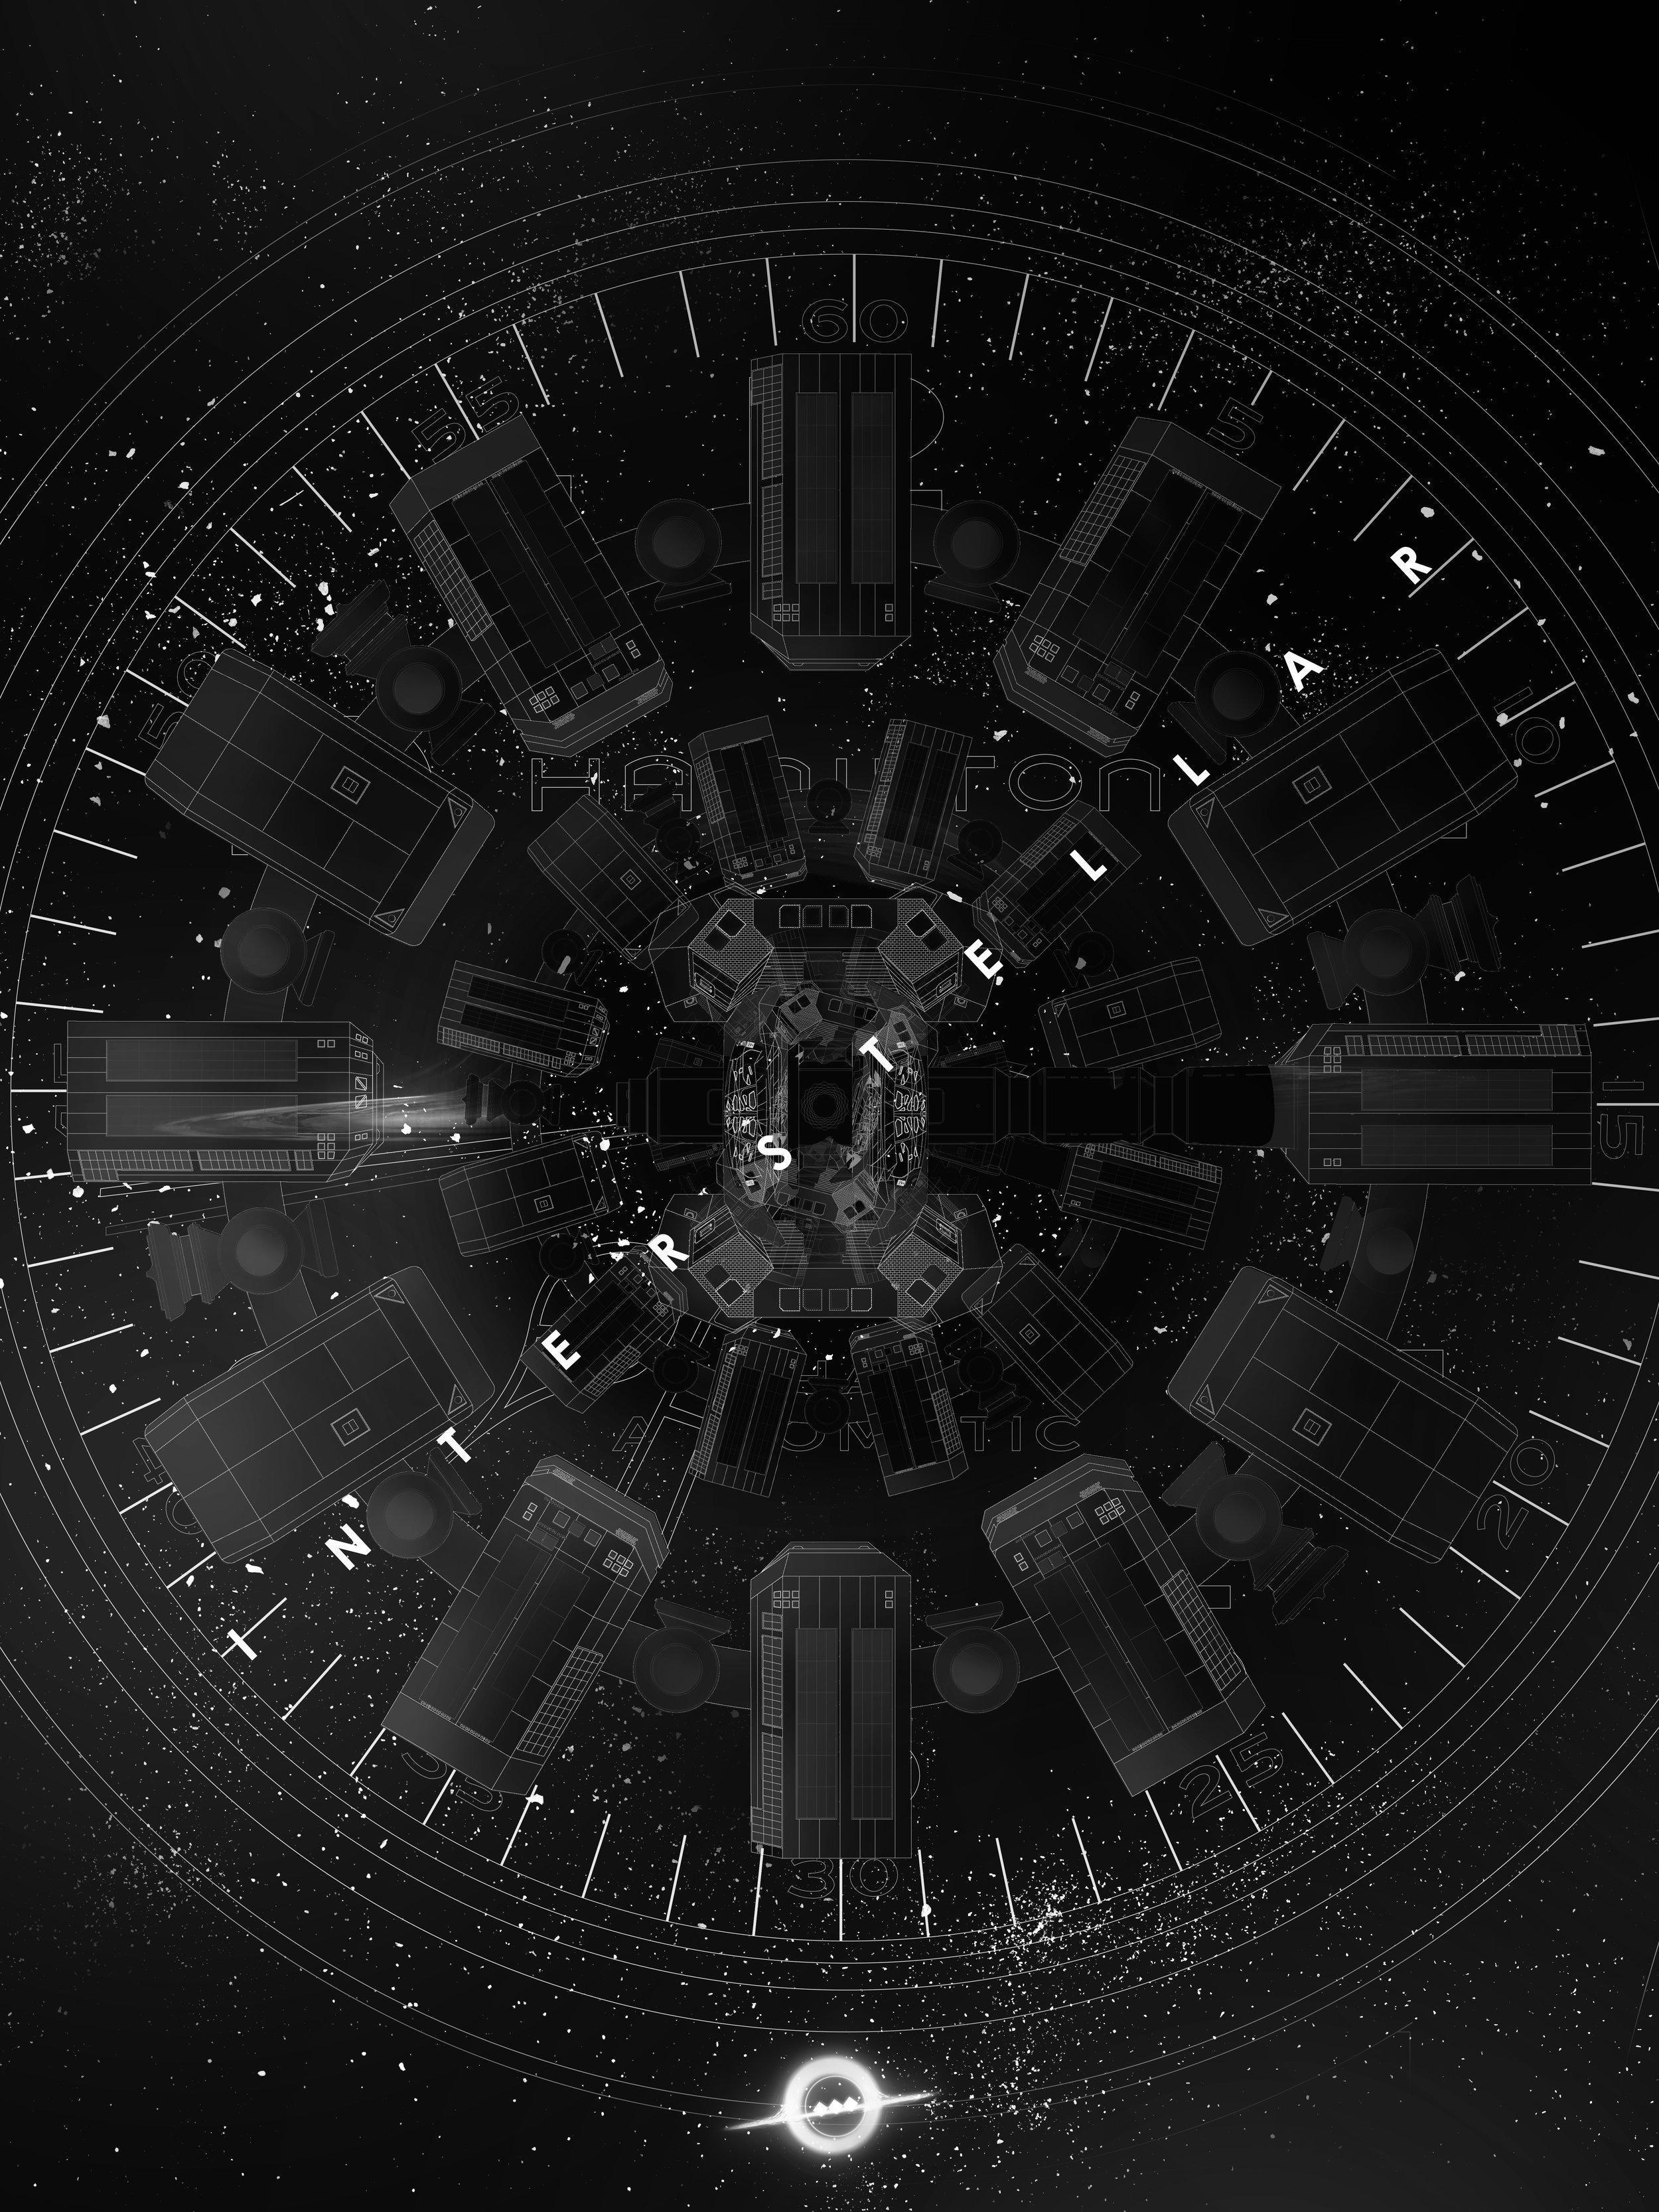 Interstellar - Final -18x24 RGB B&W.jpg